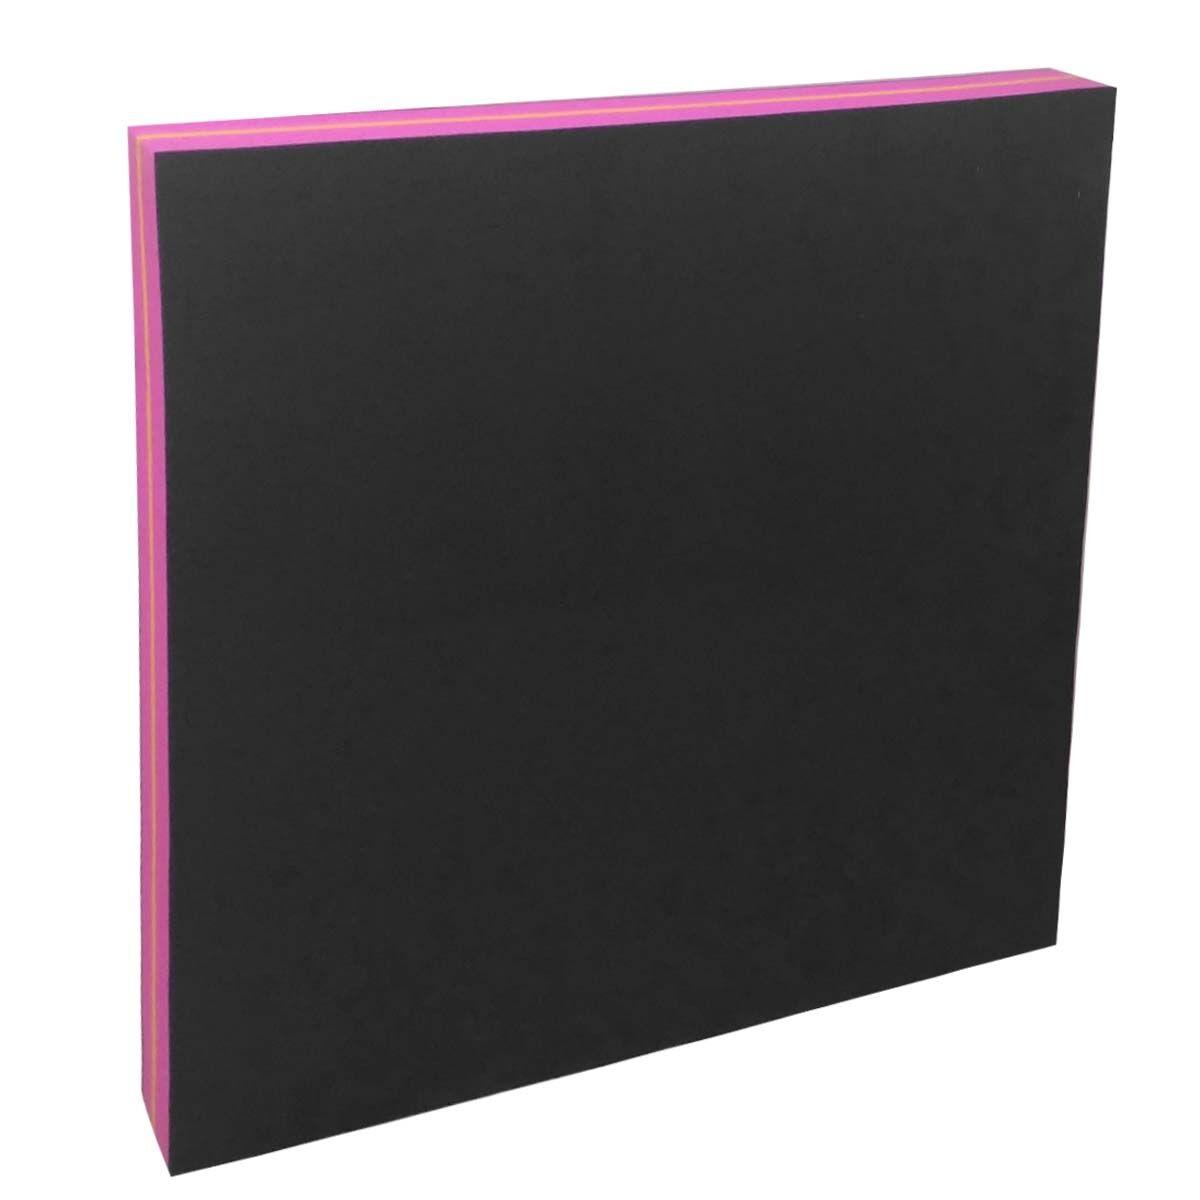 Battifreccia Target Sintetico per Arco 80x80 cm Bersaglio Spessore 11 cm